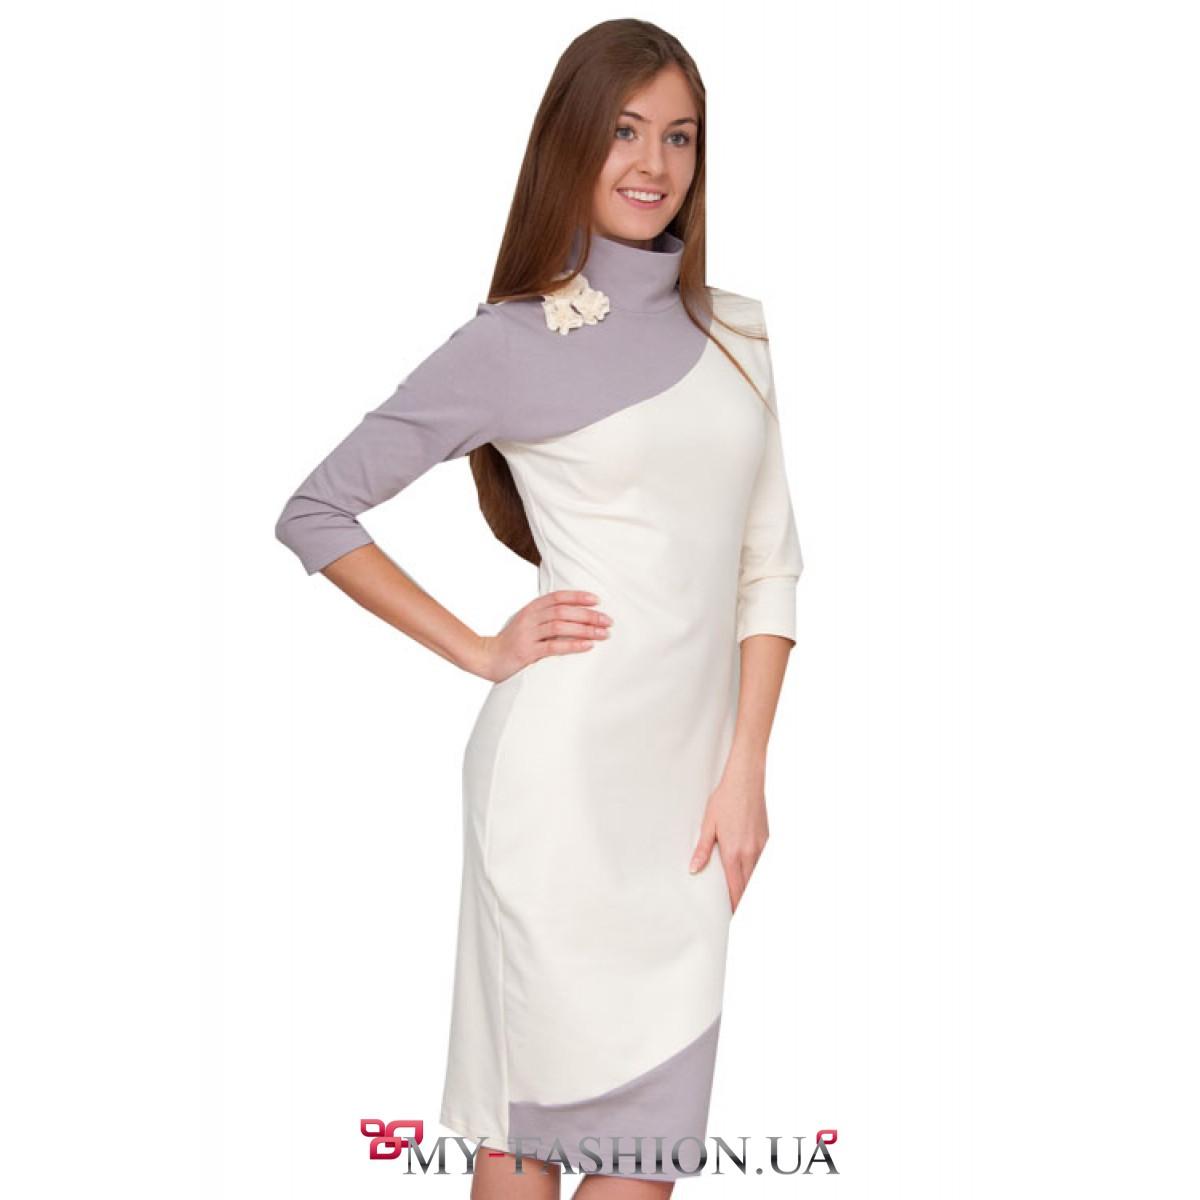 Купить Очень Красивое Платье